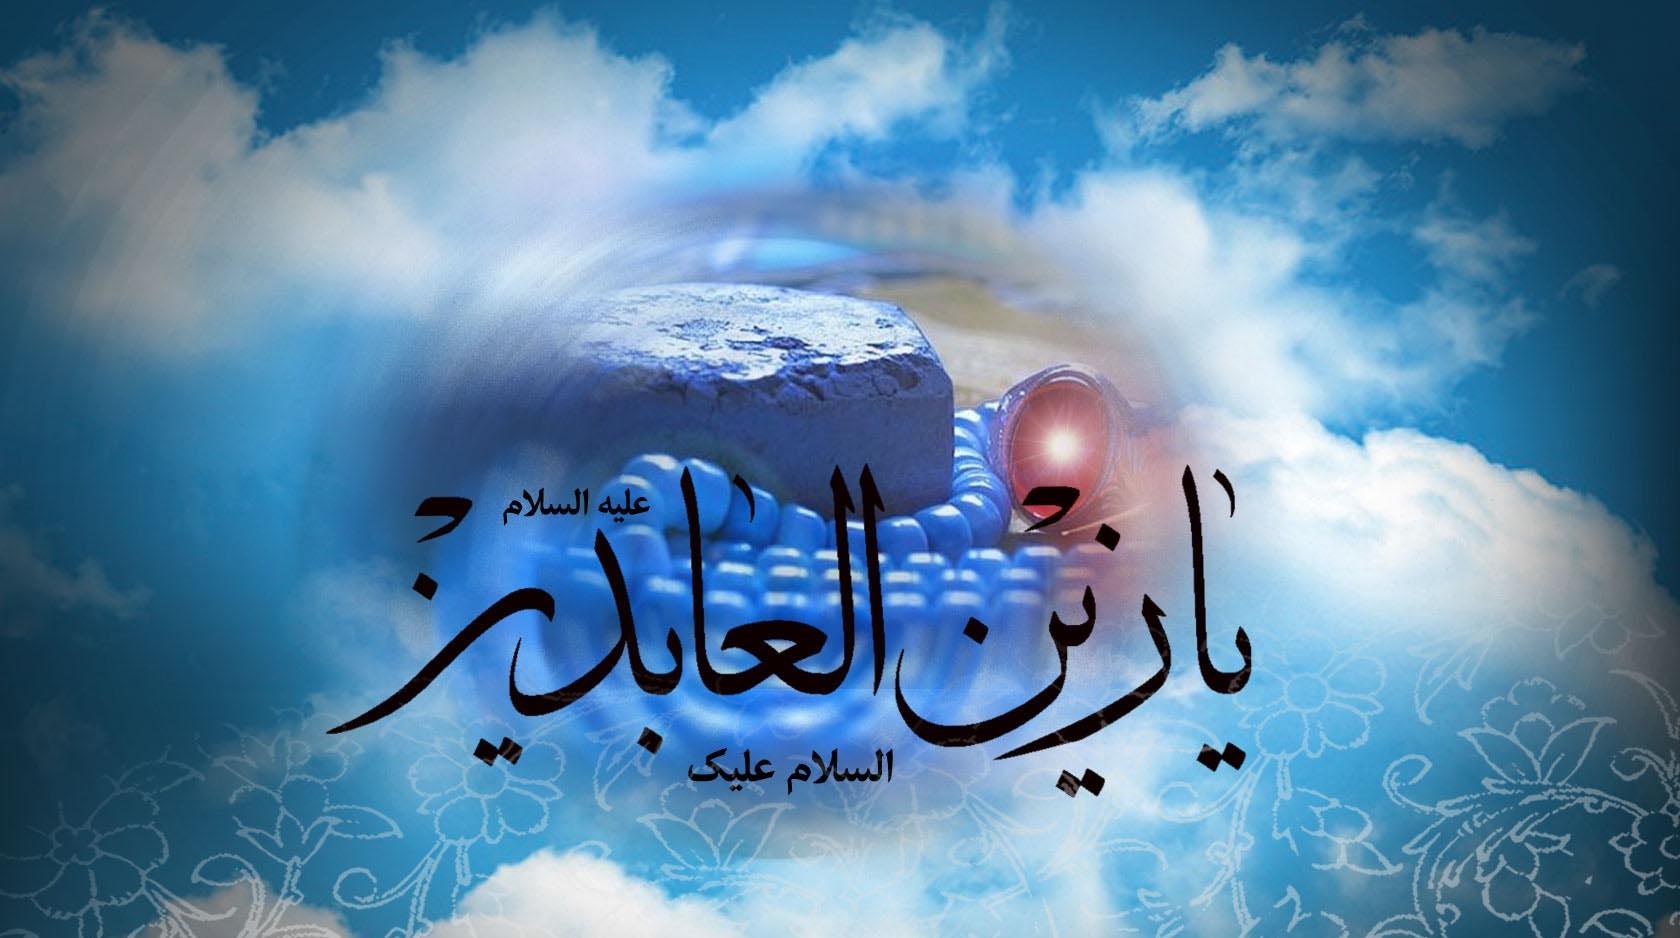 وداع امام زين العابدين (ع) با ماه مبارك رمضان